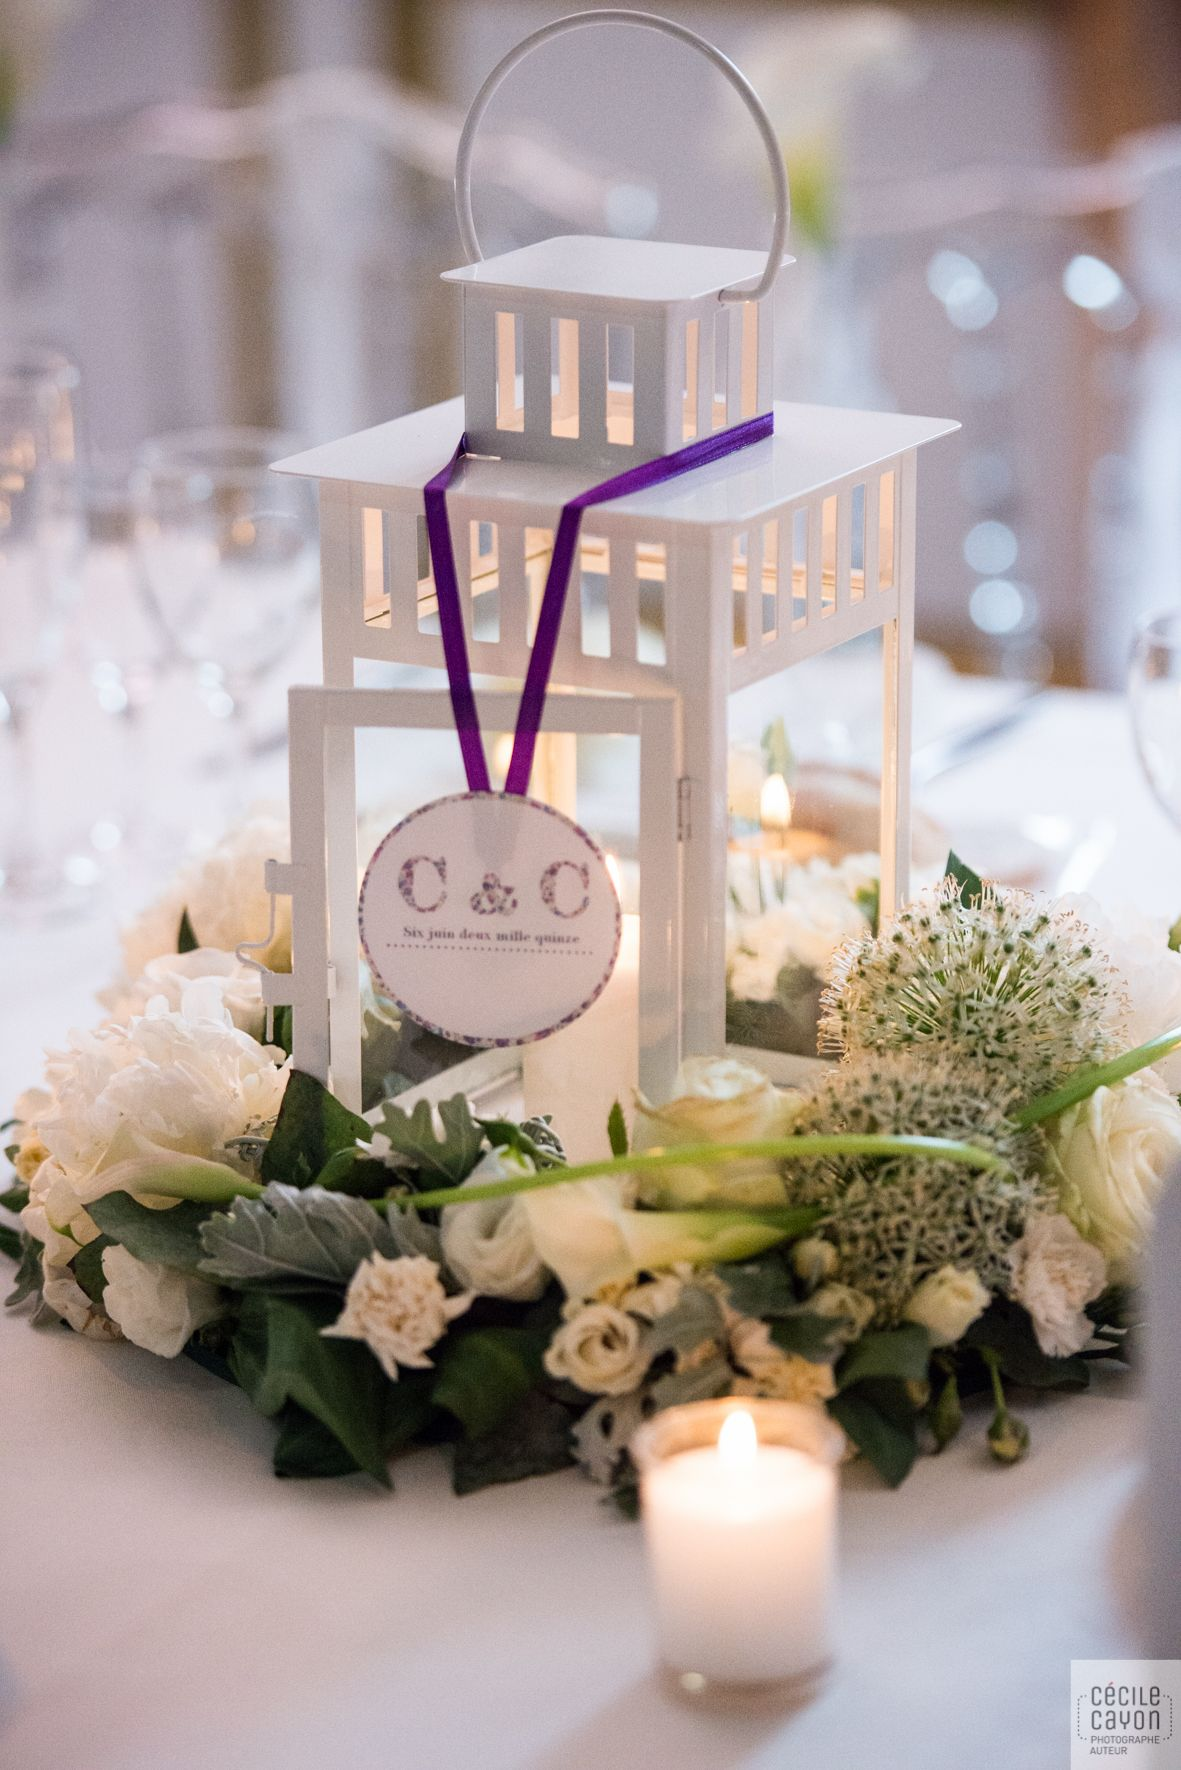 d coration mariage blanc lanternes mariage centre de table decoration pinterest. Black Bedroom Furniture Sets. Home Design Ideas